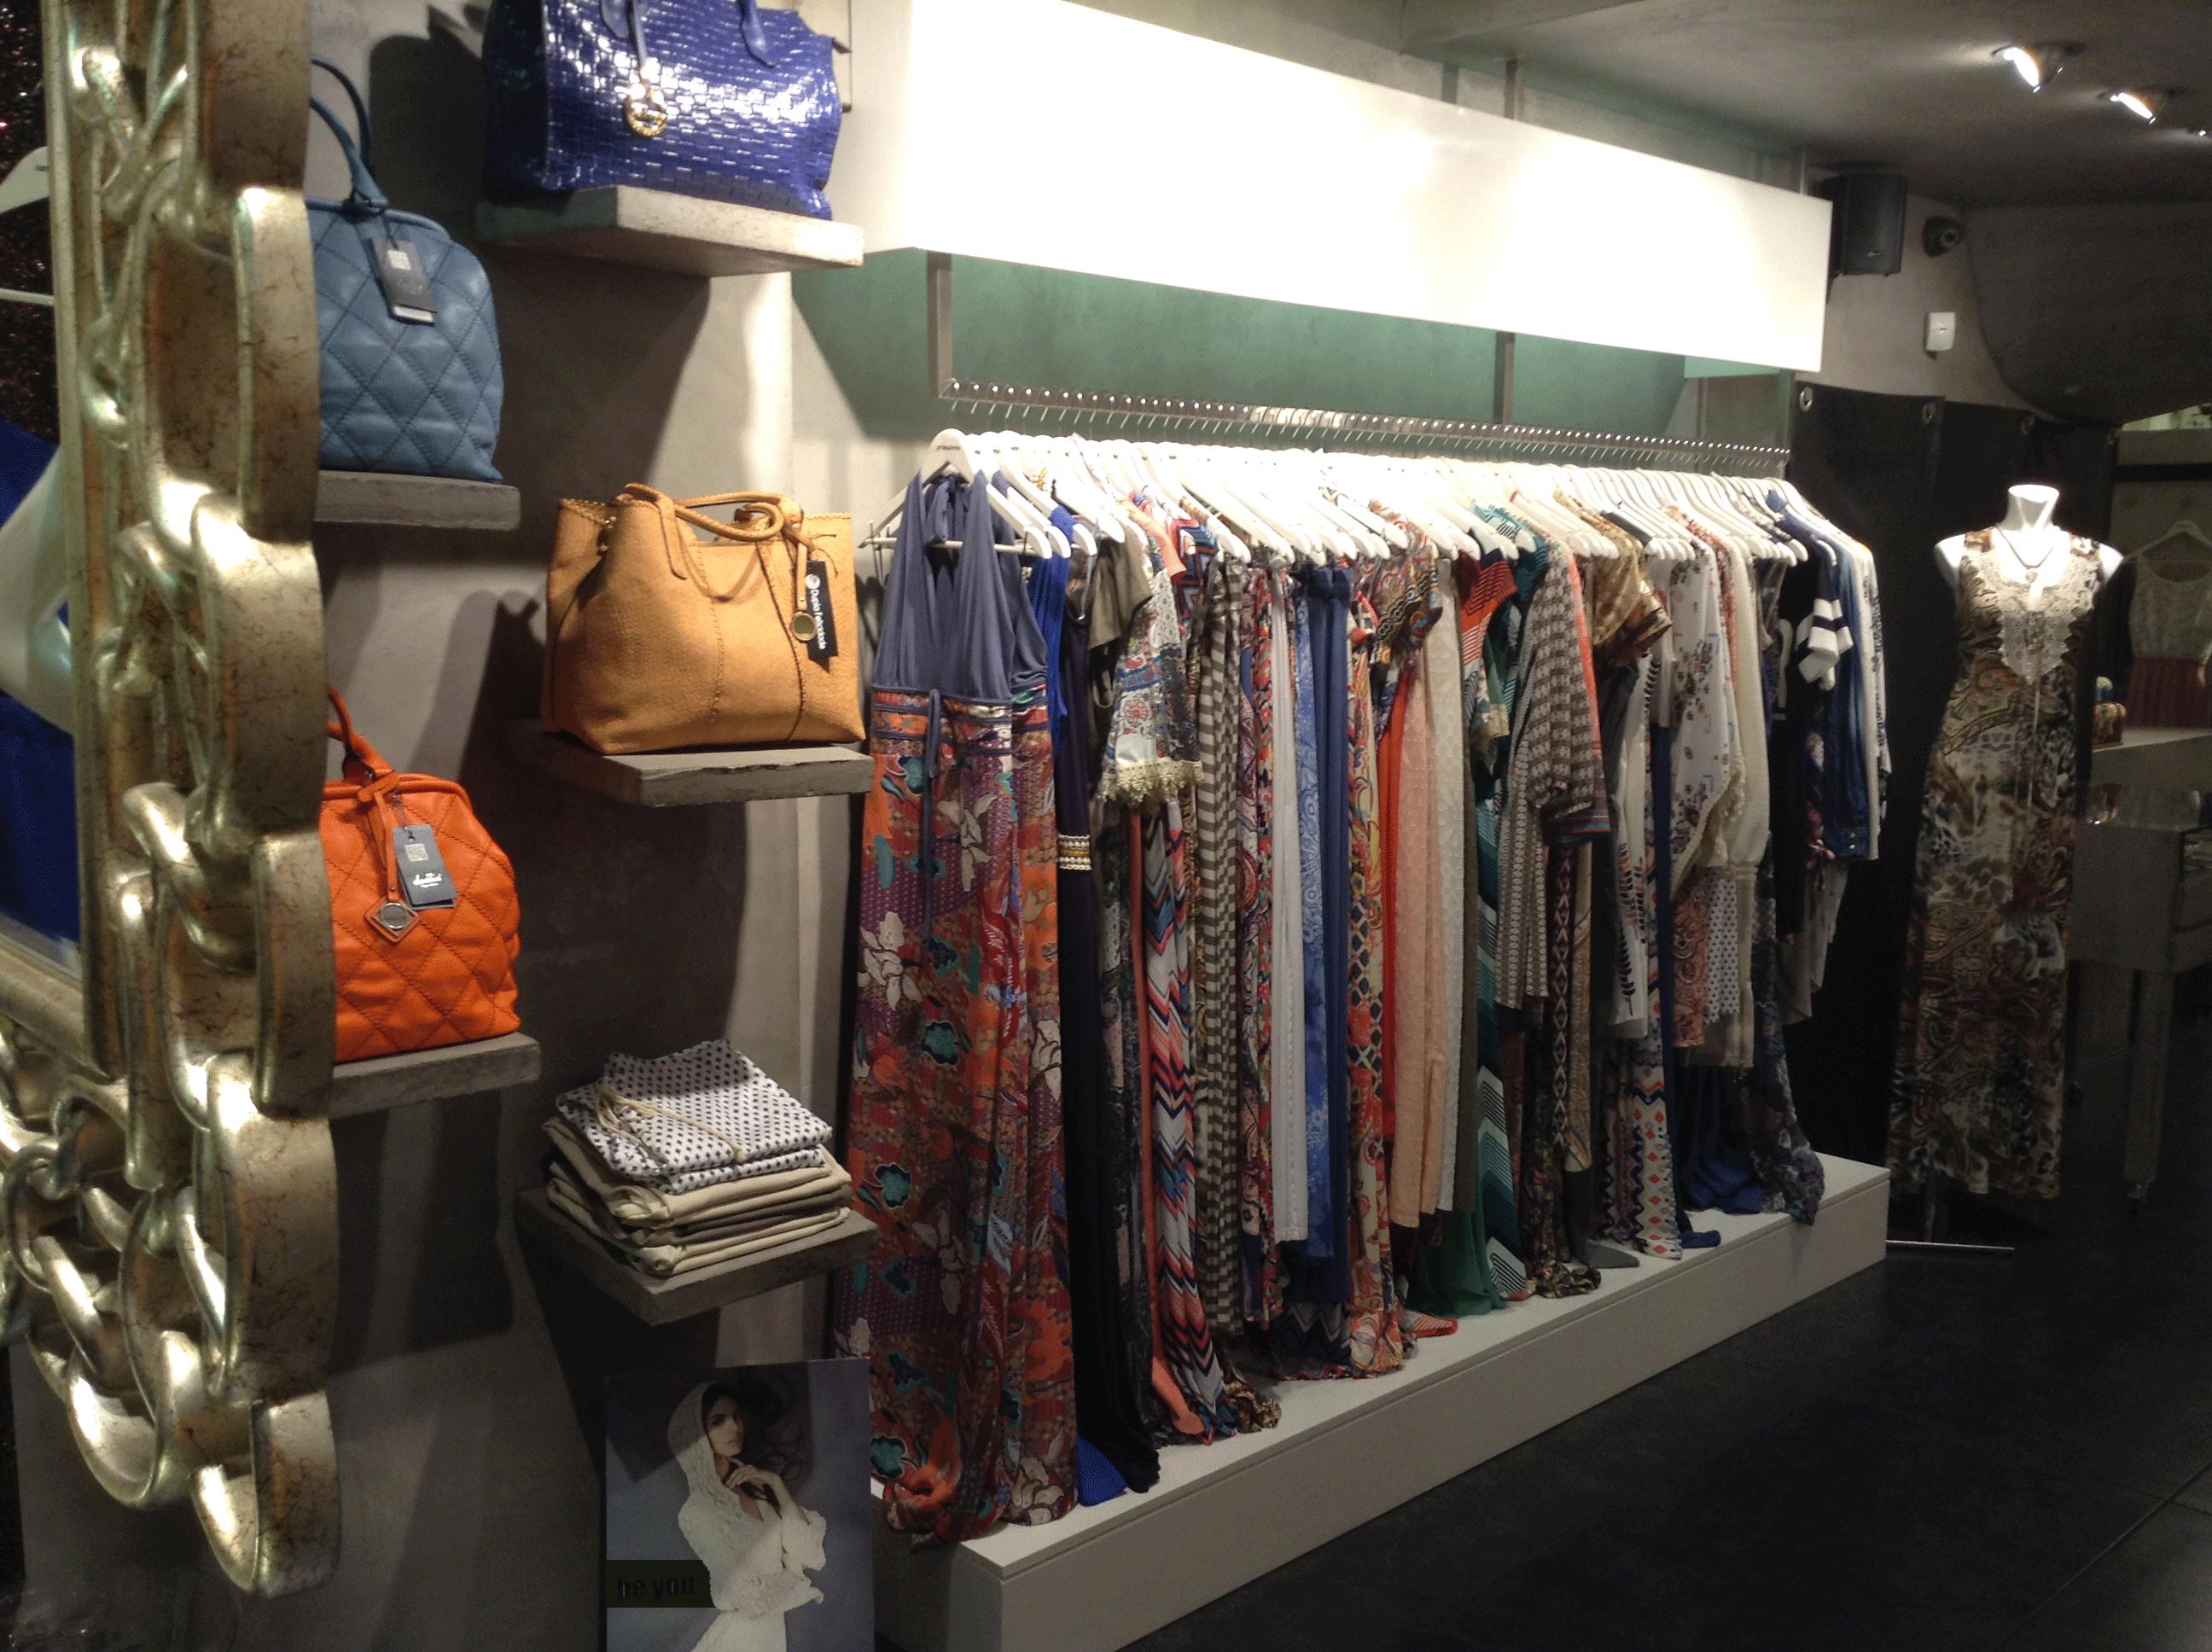 Primadonna.com.gr Γυναικεία ρούχα και αξεσουάρ.Επισκεφθείτε το eshop www. primadonna a9c304d1692